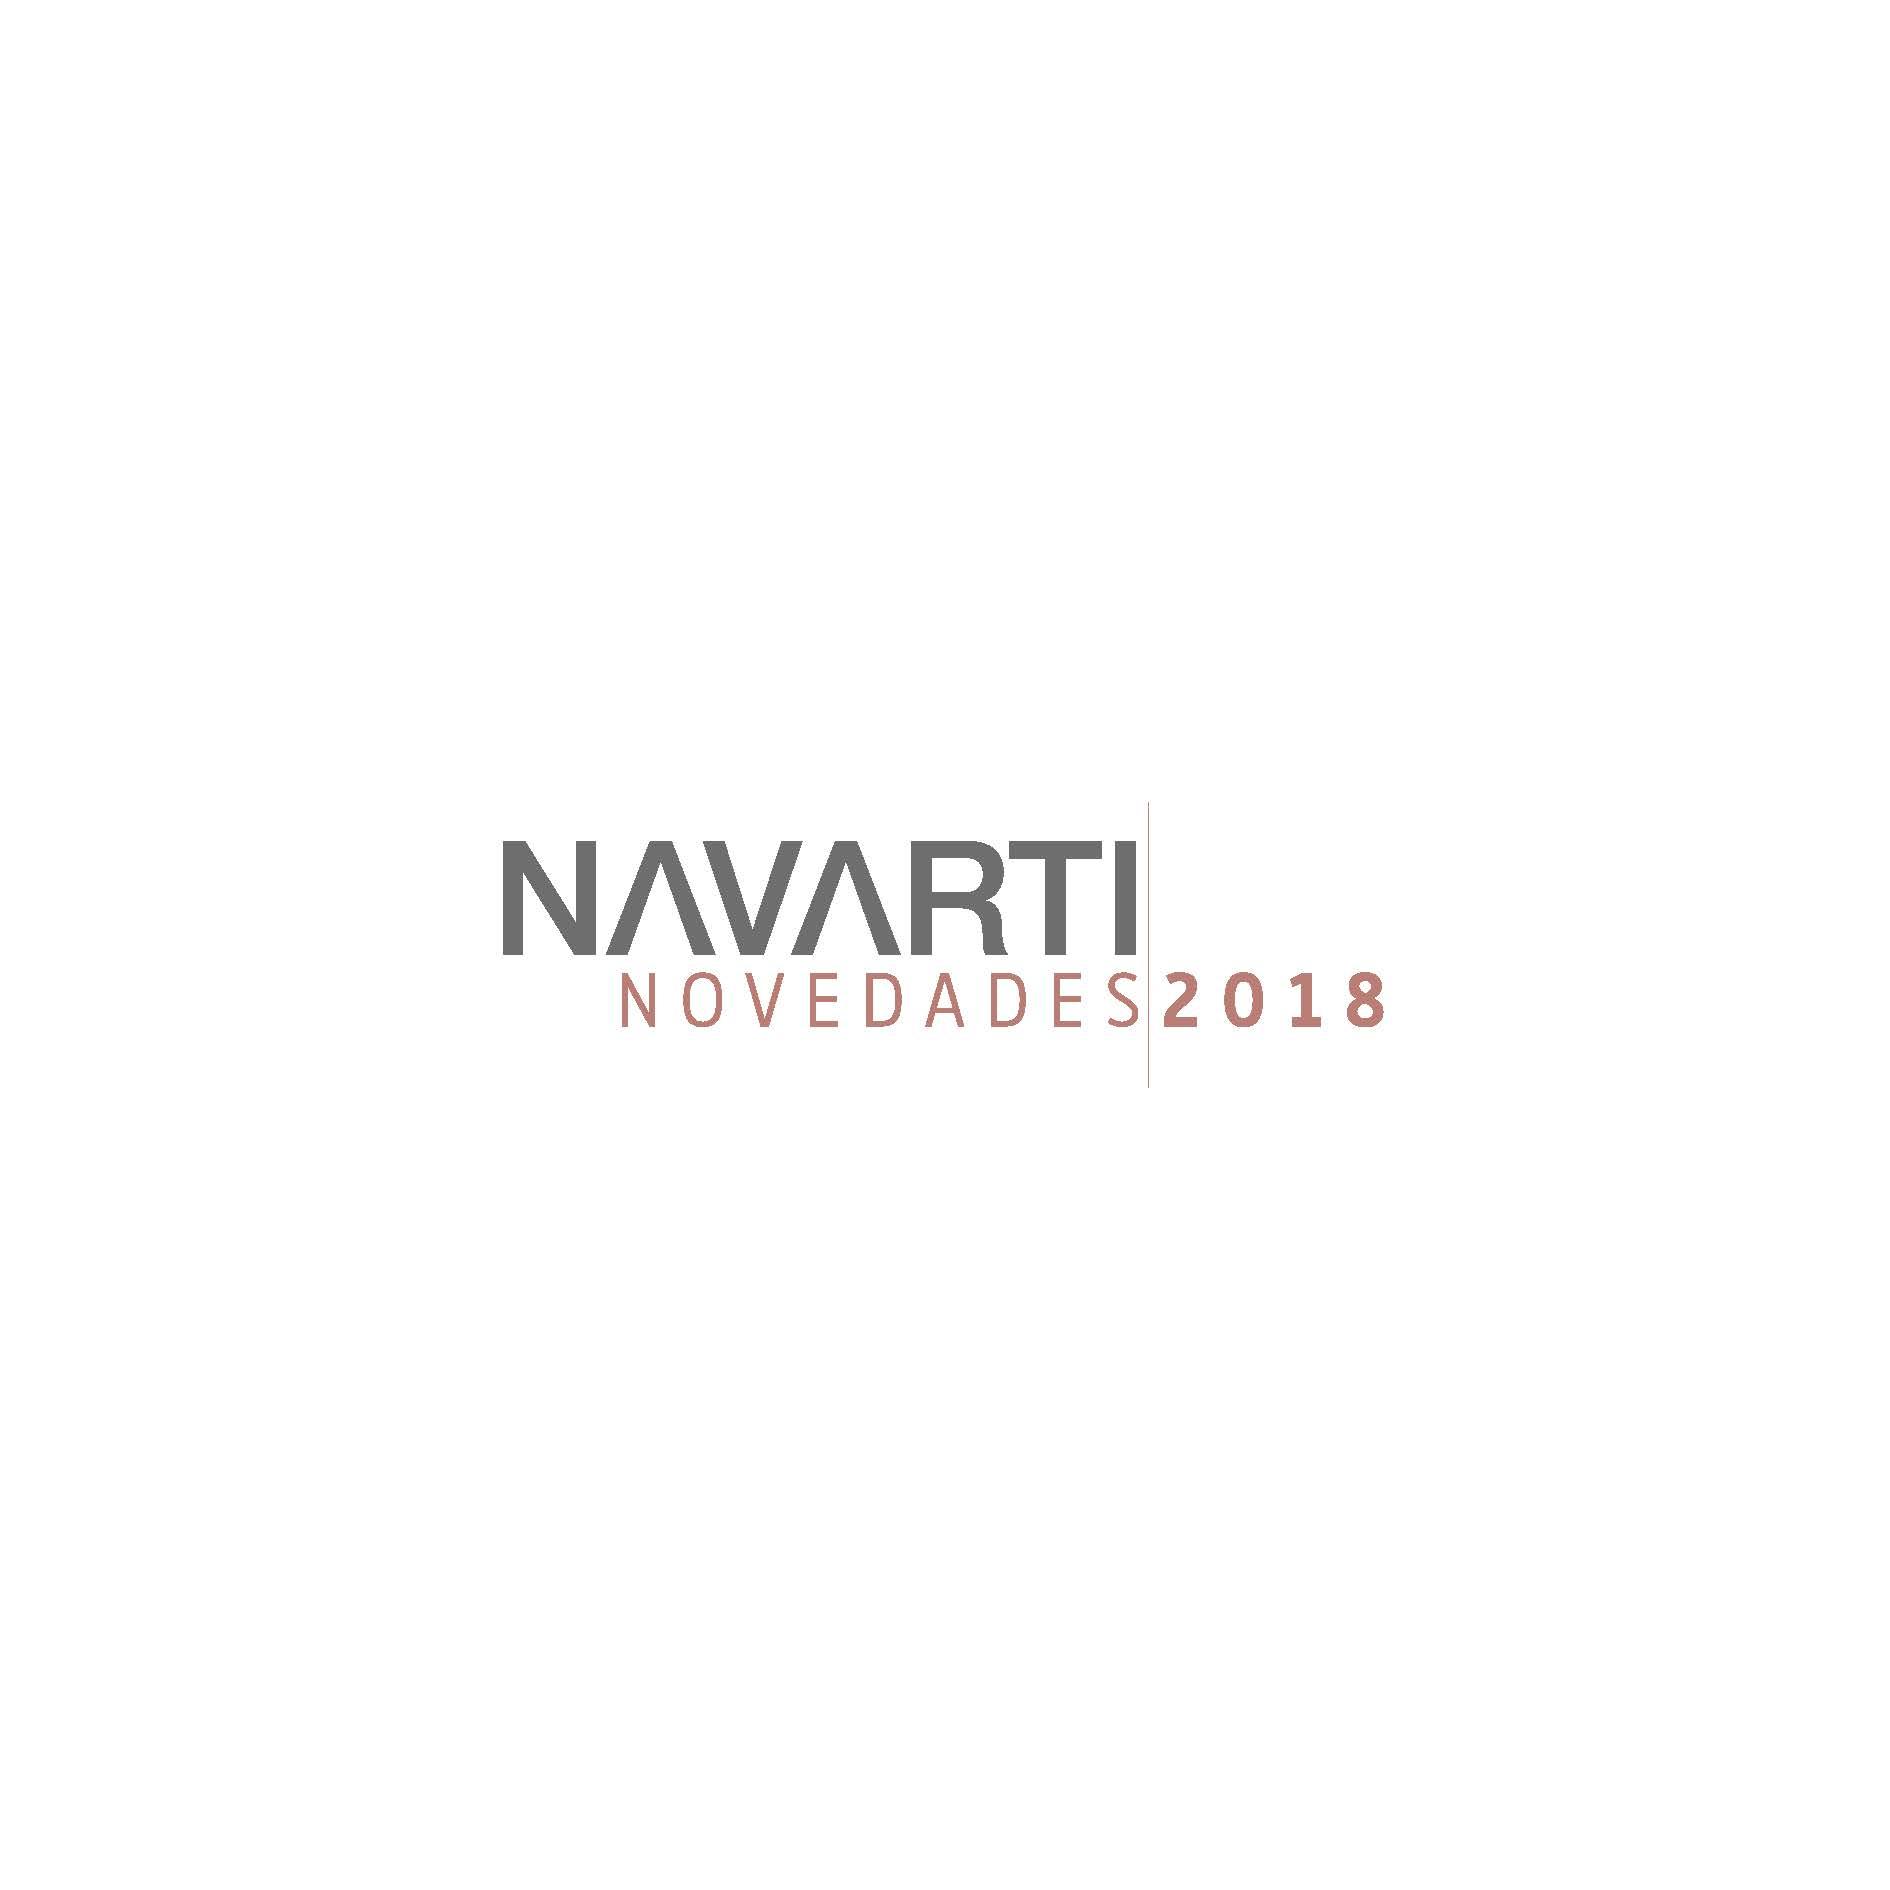 Novedades Navarti 2018